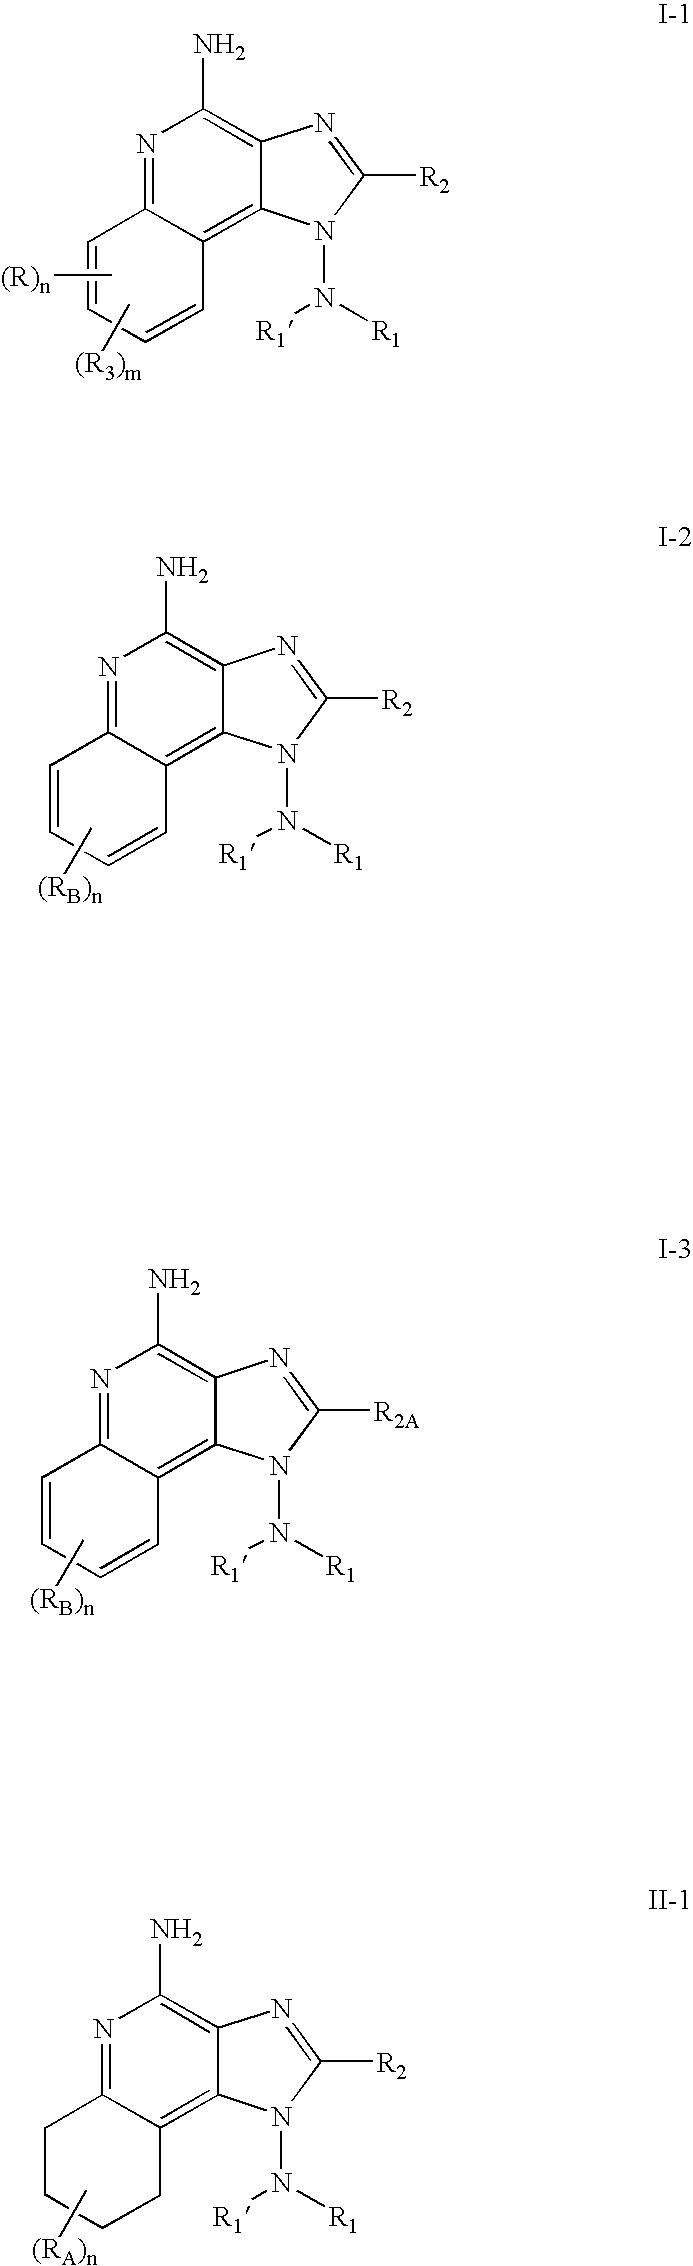 Figure US20040176367A1-20040909-C00002